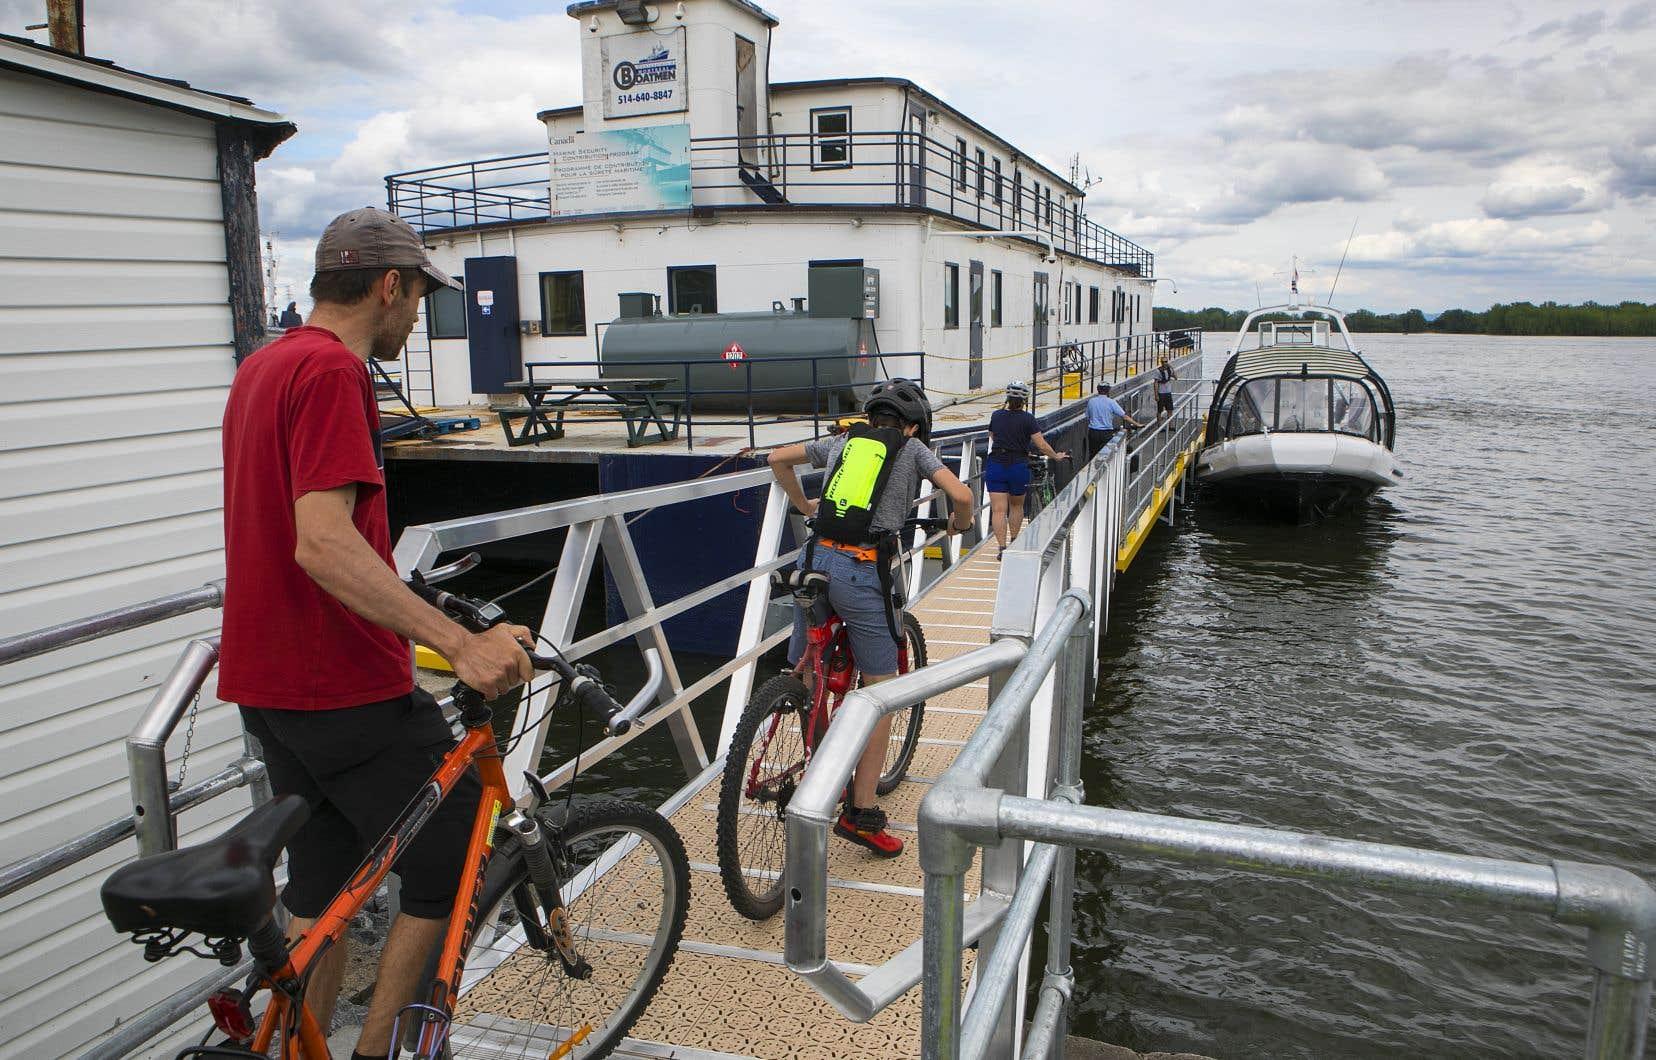 De la mi-juin à la fin septembre, ce sont ainsi près de 60000 personnes qui sont alors montées à bord de la navette fluviale, qui permet de relier le Vieux-Port de Montréal au quartier Pointe-aux-Trembles en moins de 30 minutes, soit plus rapidement qu'en voiture aux heures de pointe.